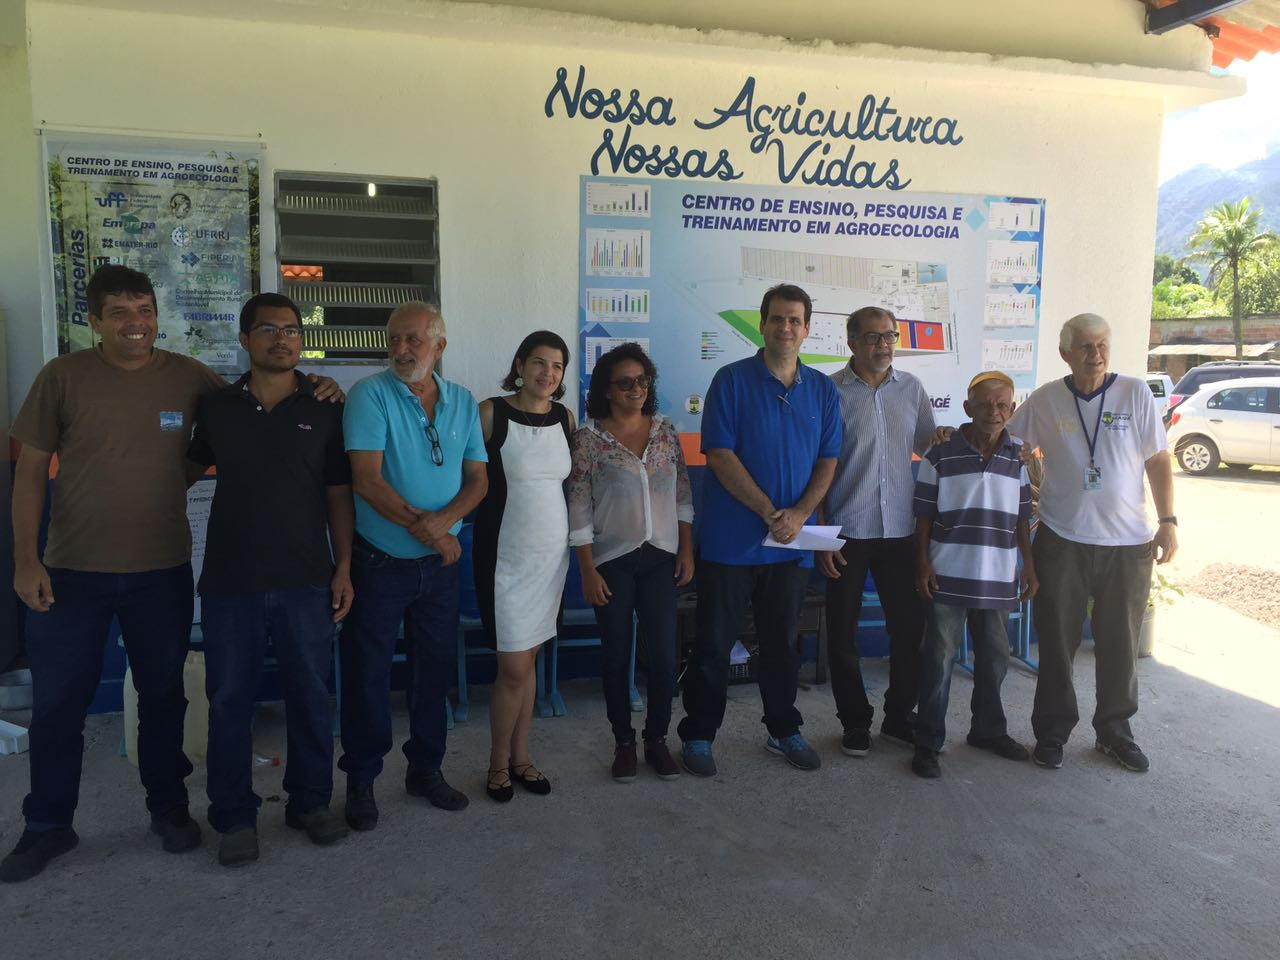 Visitando o Centro de Ensino, Pesquisa e Treinamento em Agroecologia, no município de Magé